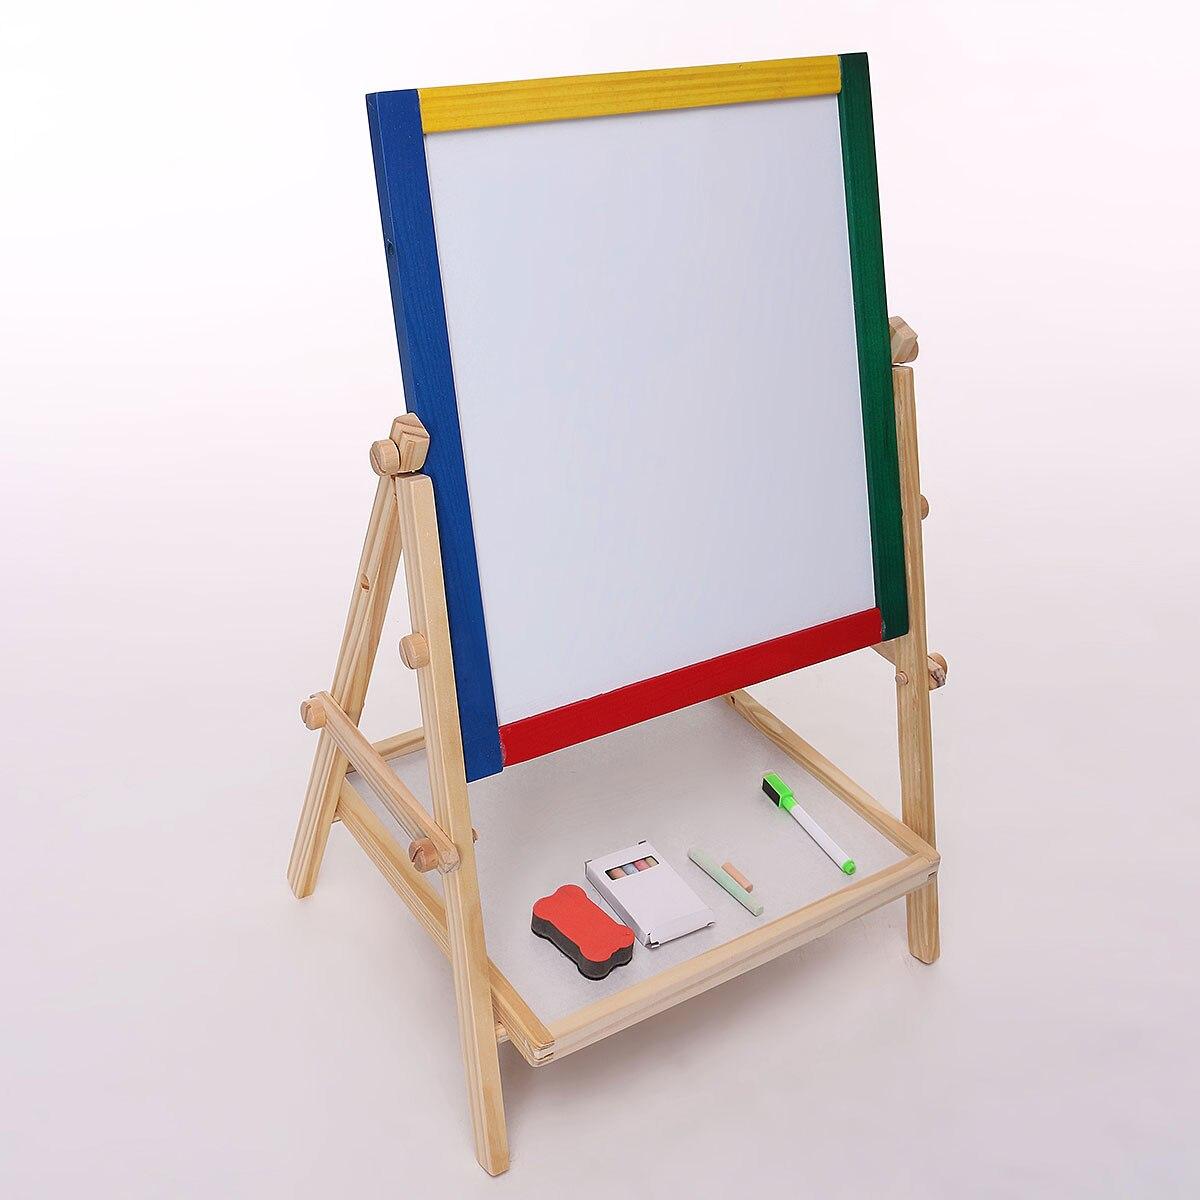 aliexpress.com : acquista tavolo da disegno giocattolo educativo ... - Tavolo Da Disegno Per Bambini